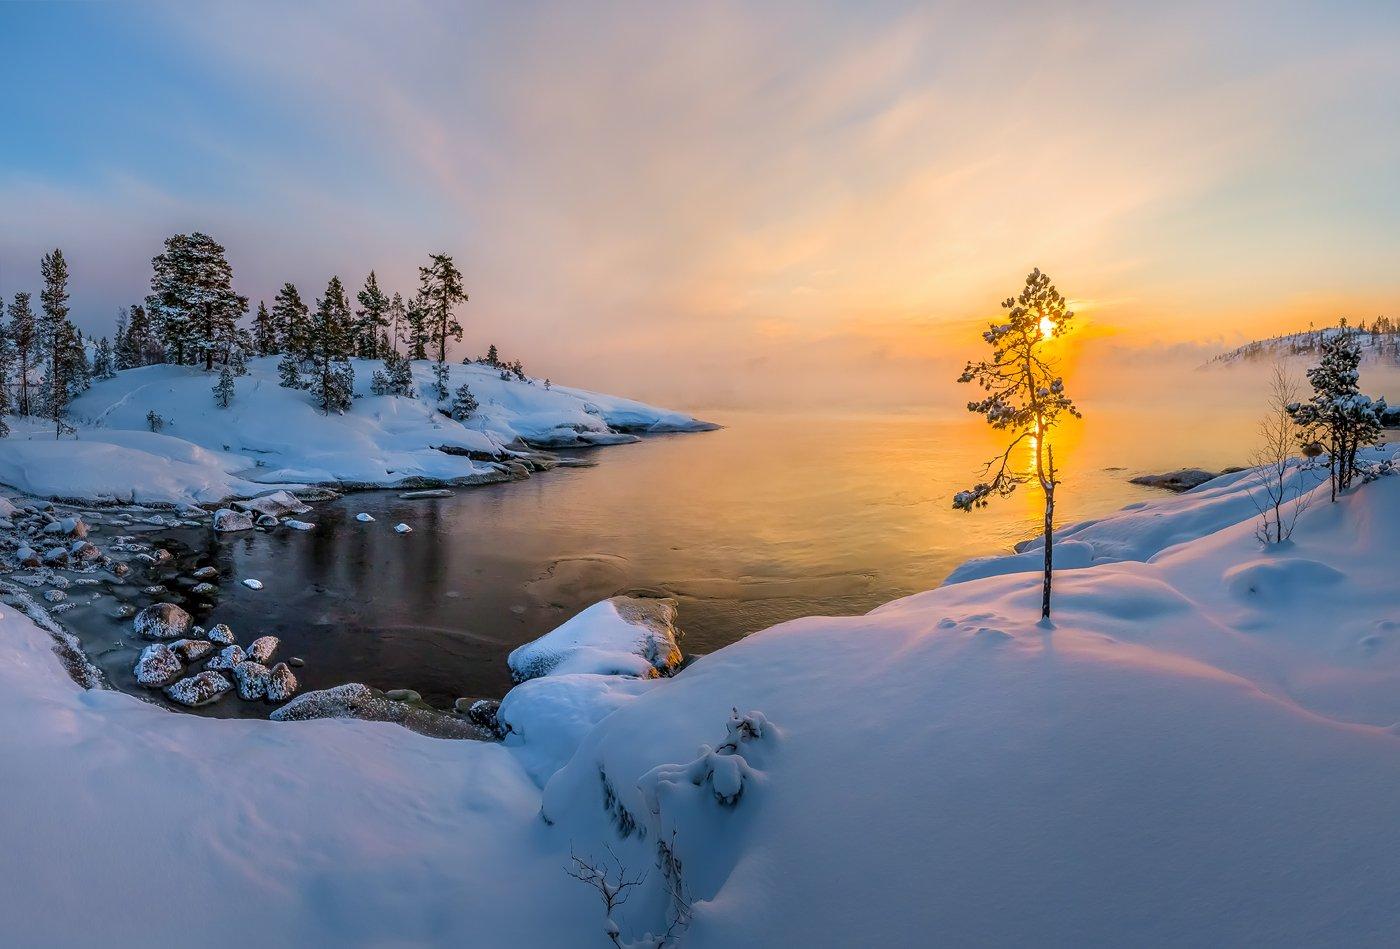 ладожское озеро, карелия, остров, зима, снег, фототур, лёд, шхеры, рассвет, сосна, солнце,, Лашков Фёдор